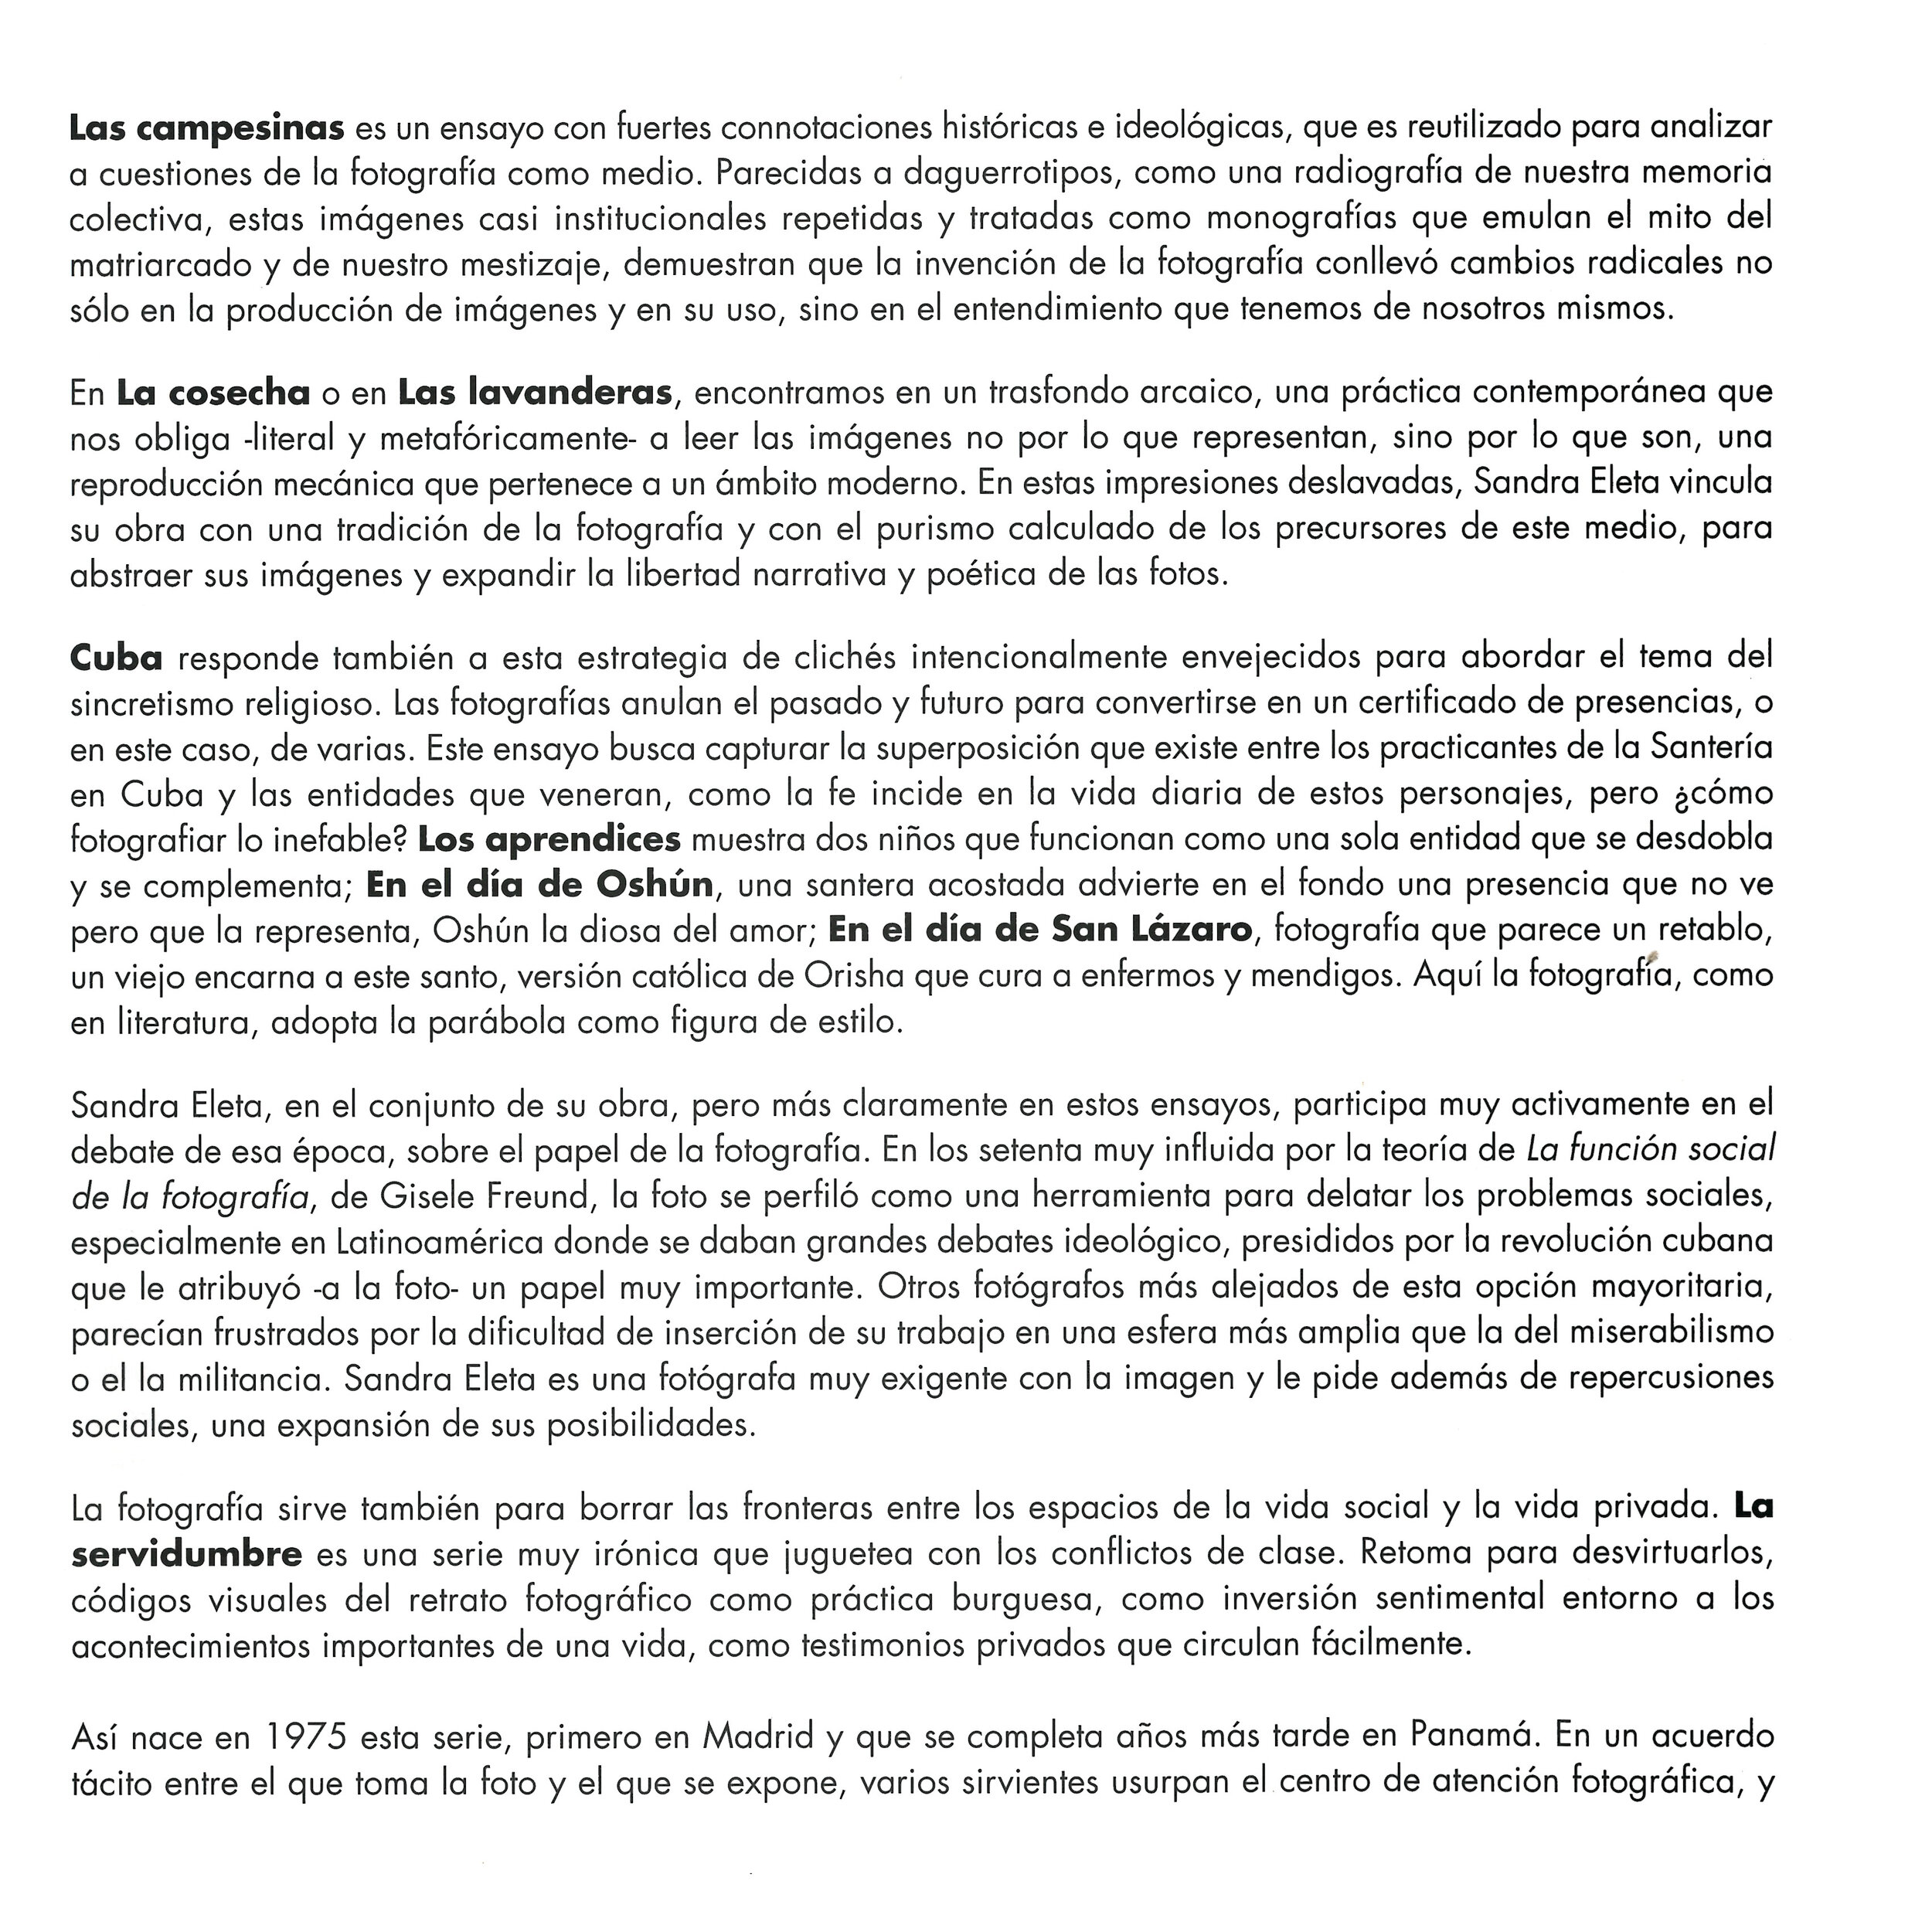 Eleta-Retrospectiva5.jpg